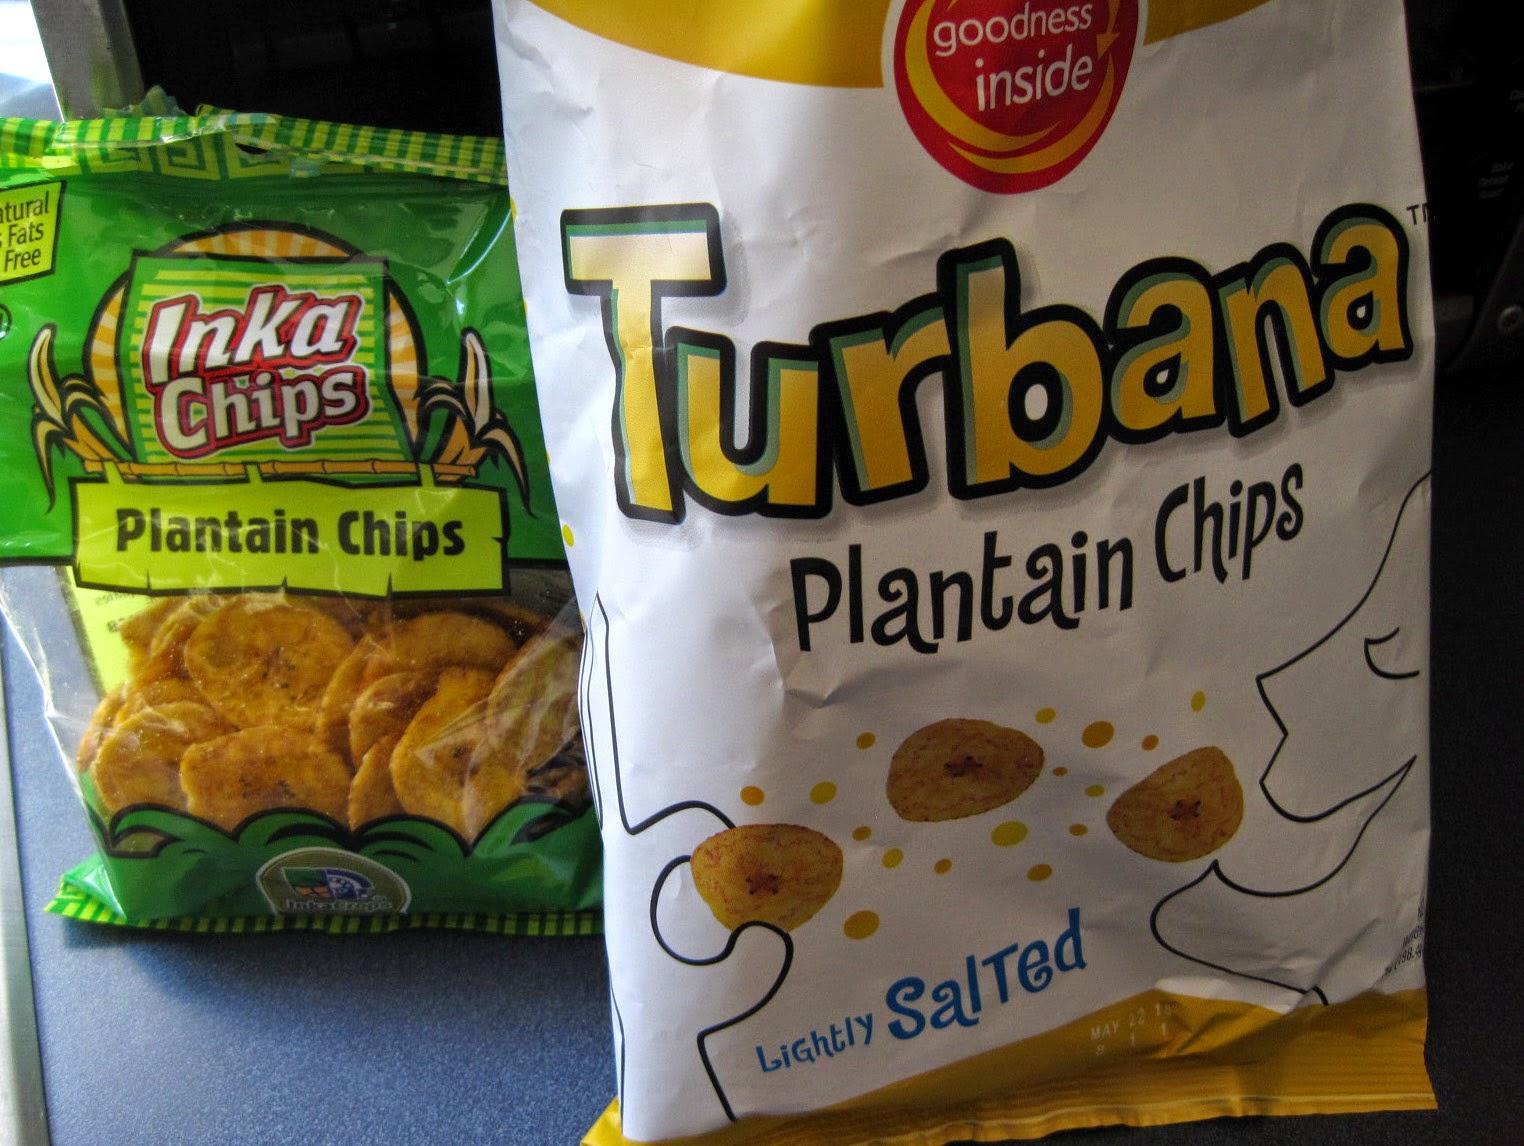 Inka Chips, Turbana Plantain Chips